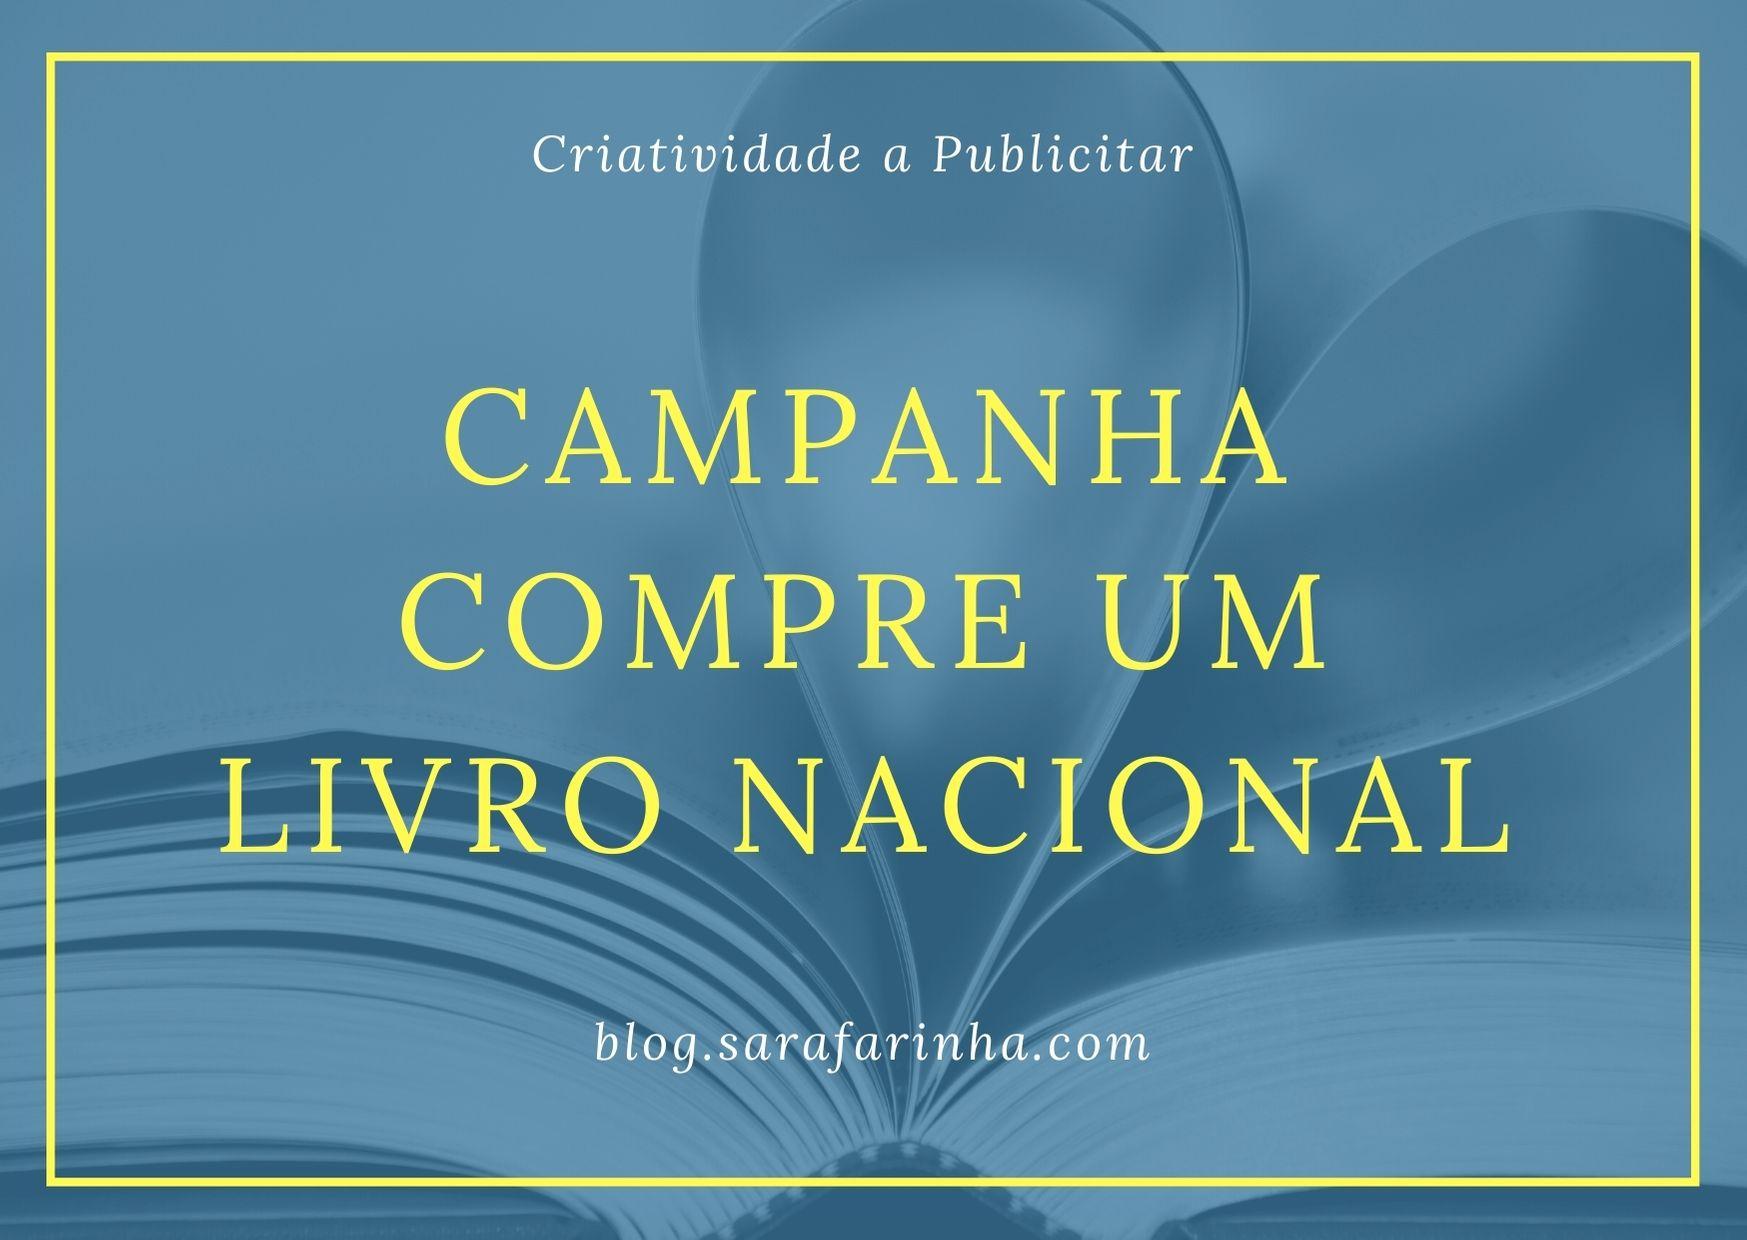 campanha compre um livro nacional